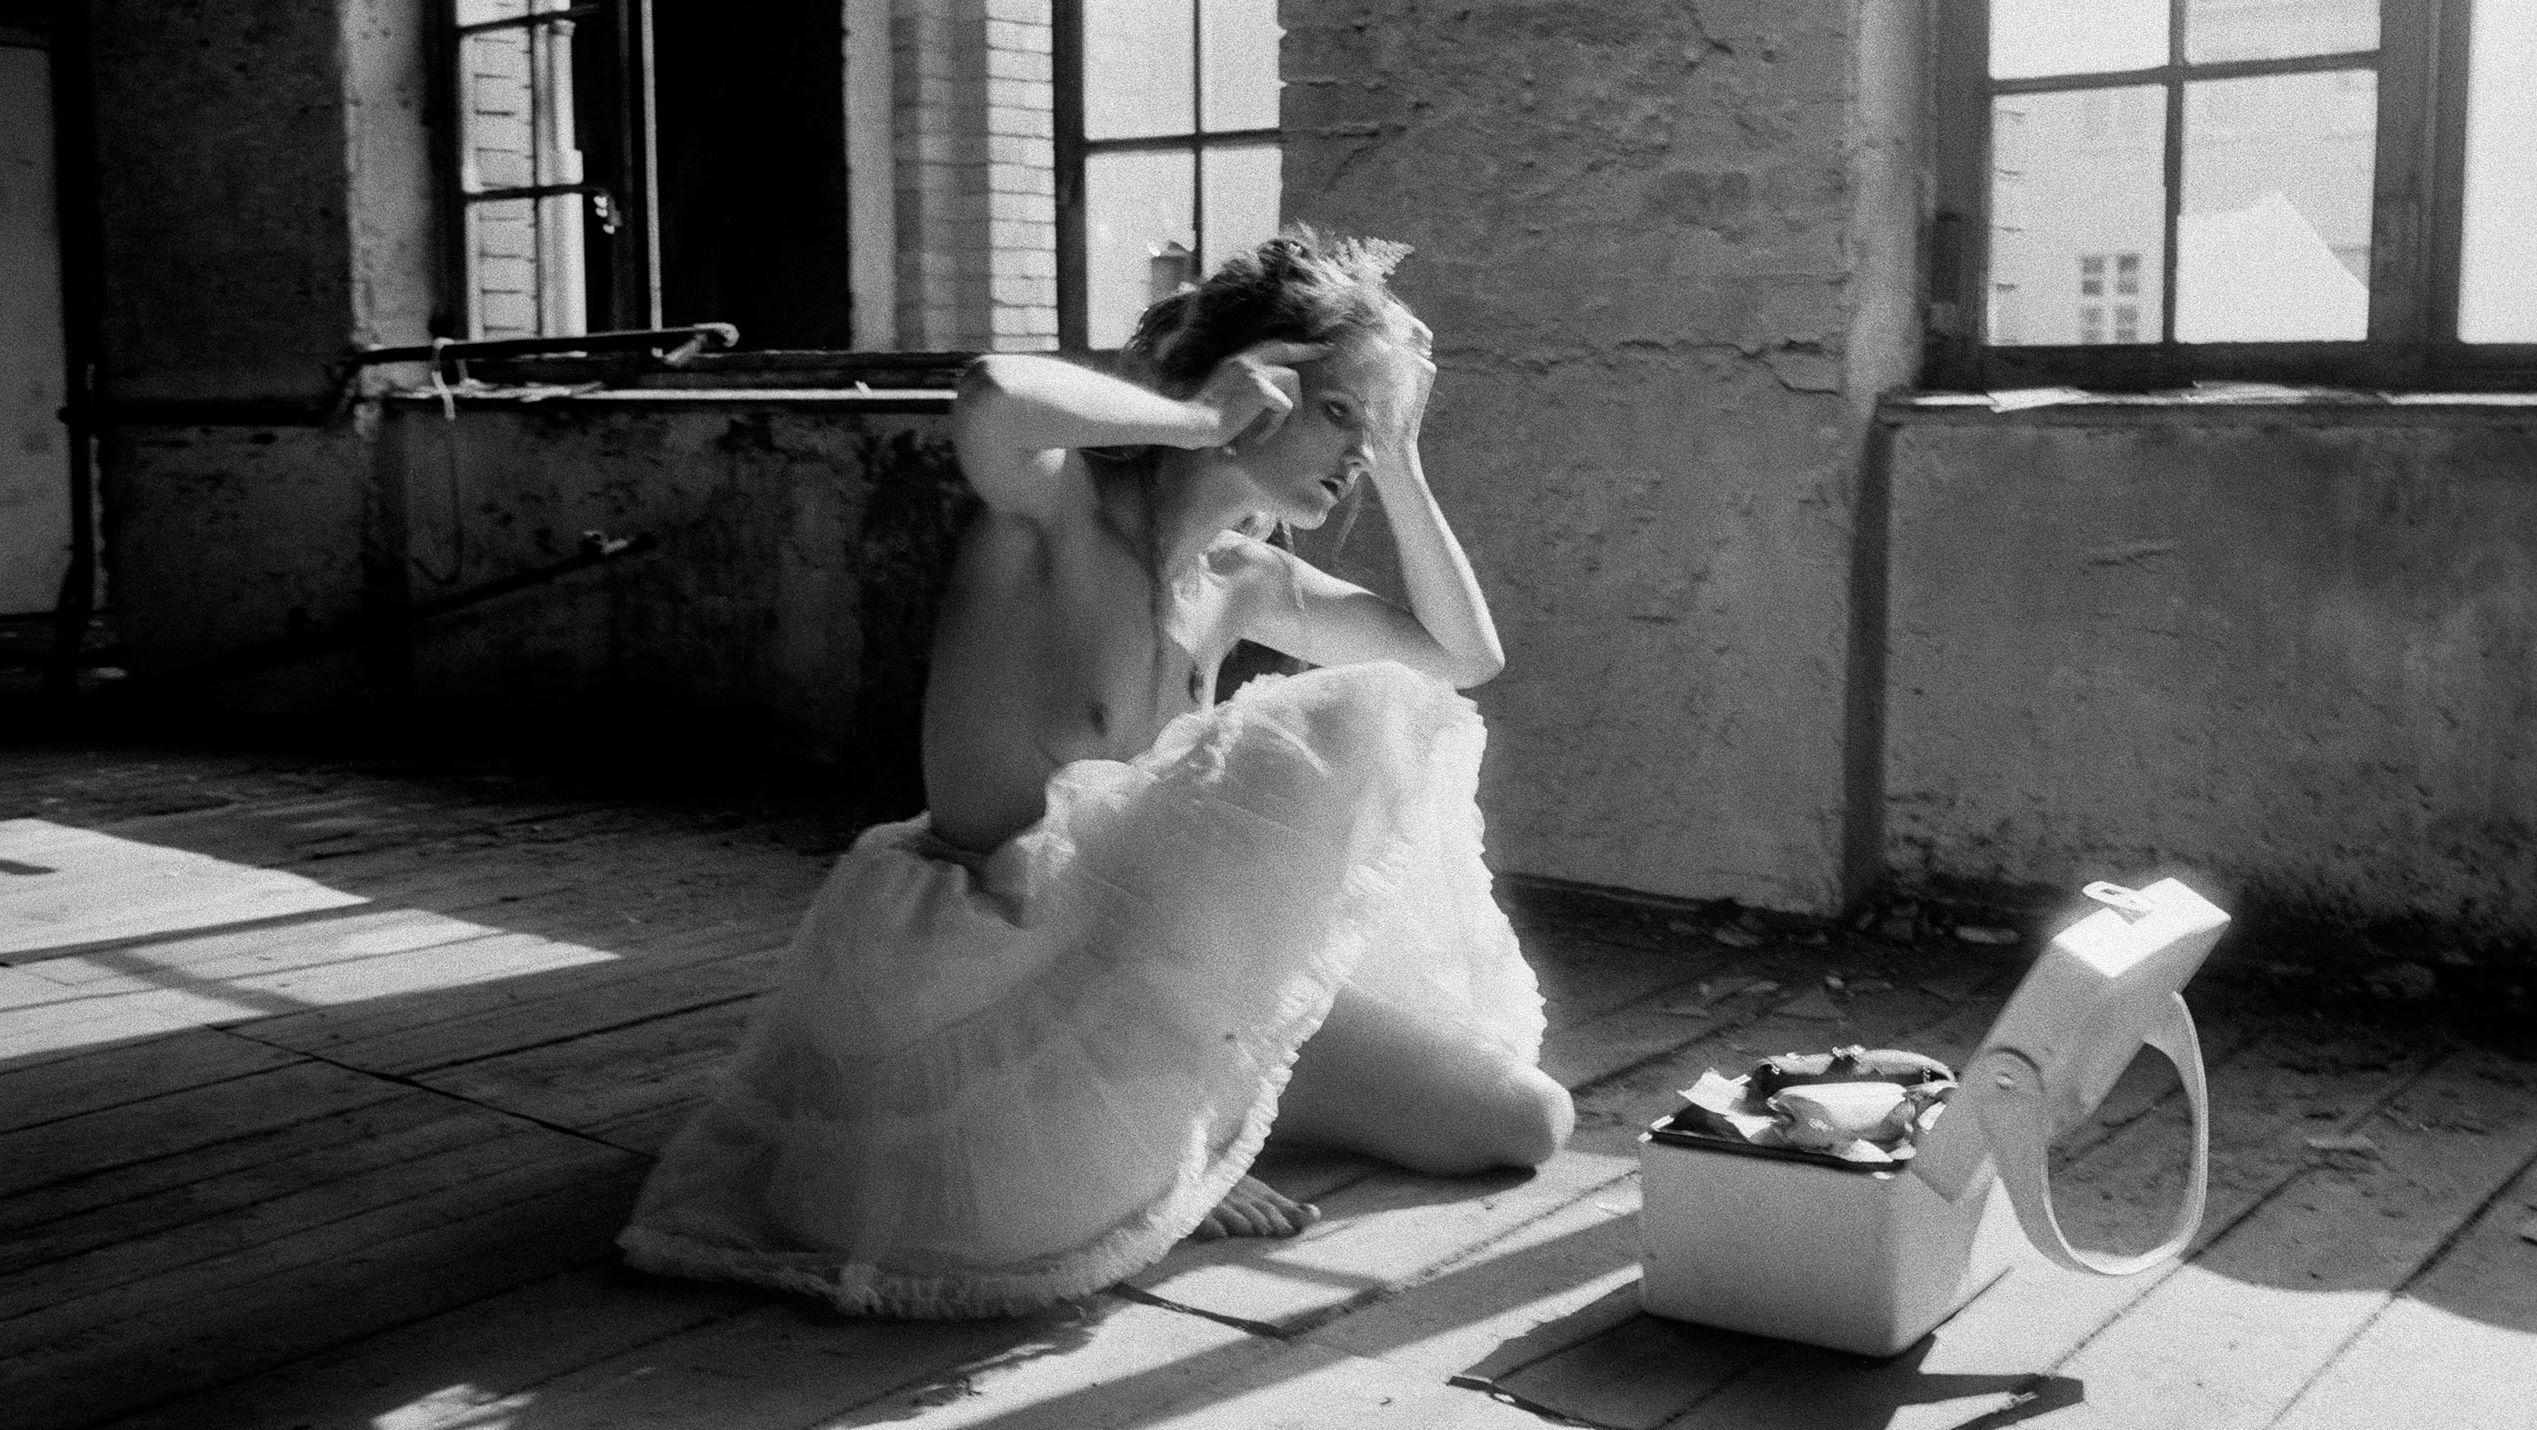 """Schwarz-weiß Foto von Marquardts Lieblingsmodel: Dominique """"Dome"""" Hollenstein kniet mit nacktem Oberkörper und weißem Tüllrock auf dem Boden in einem Stall."""